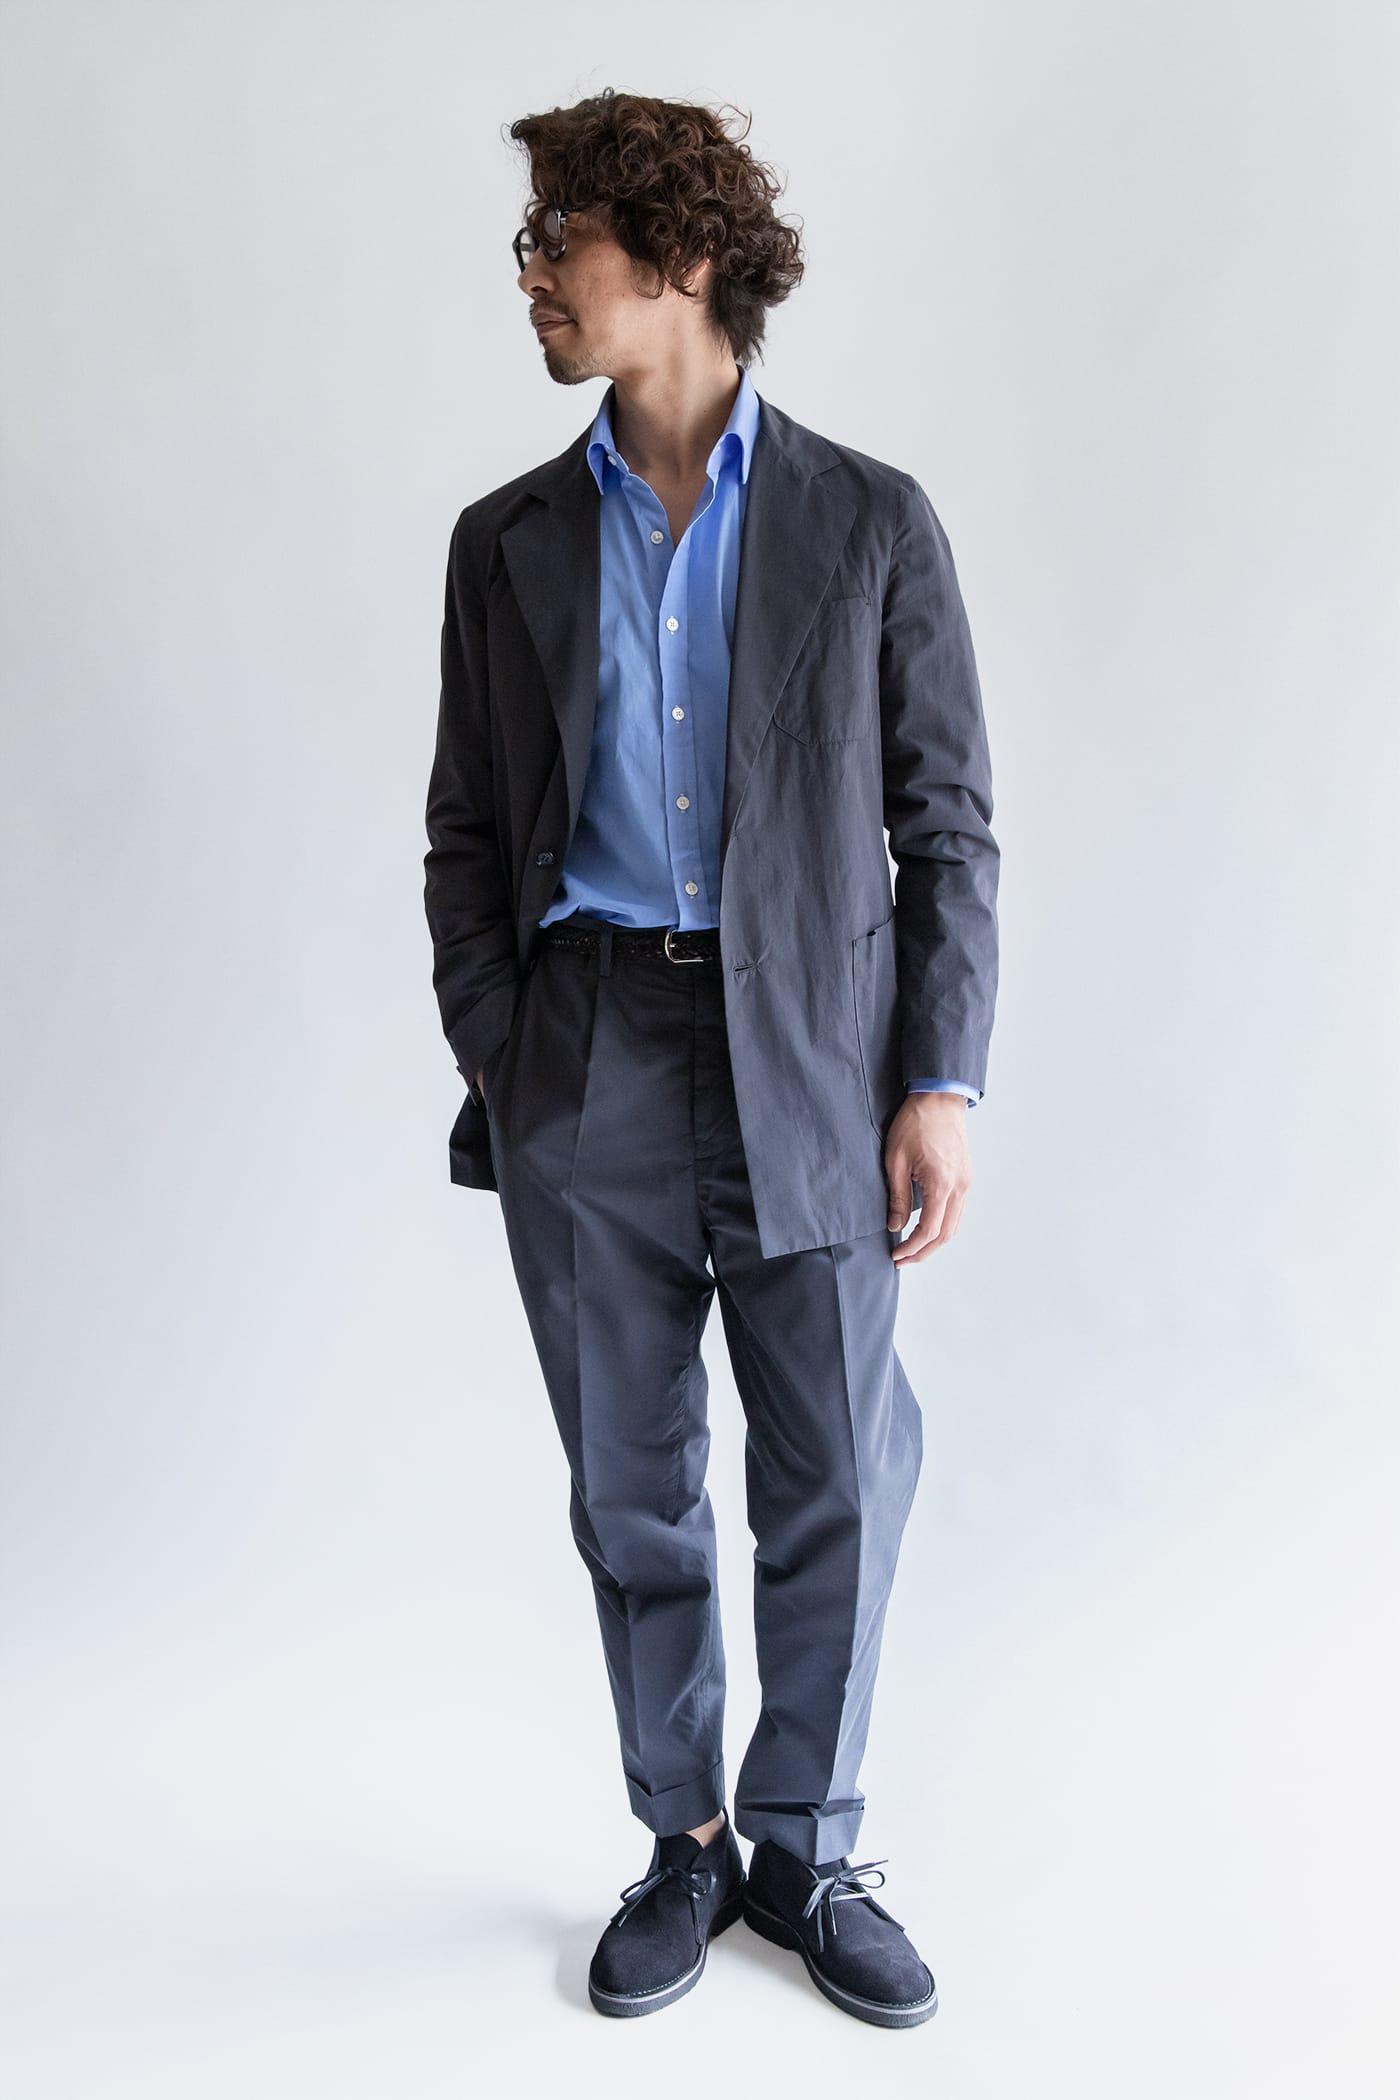 カジュアルシャツ「ブライトン」 スタイリスト四方氏 ノータイのスーツスタイルにもうってつけ